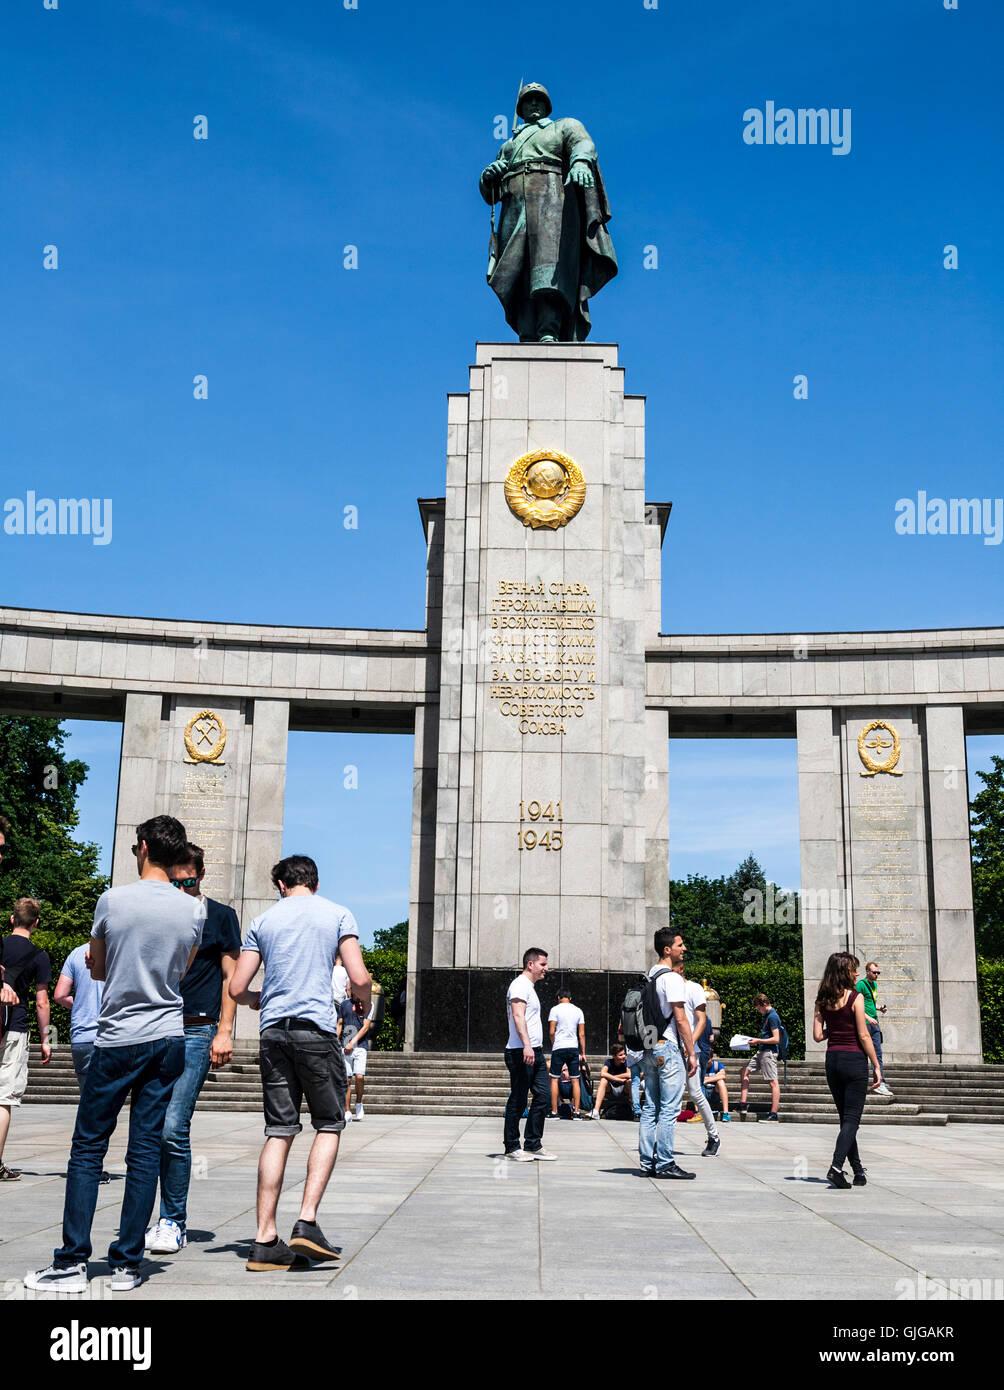 Sowjetische Ehrenmal Tiergarten Park, Berlin, Deutschland. Stockfoto